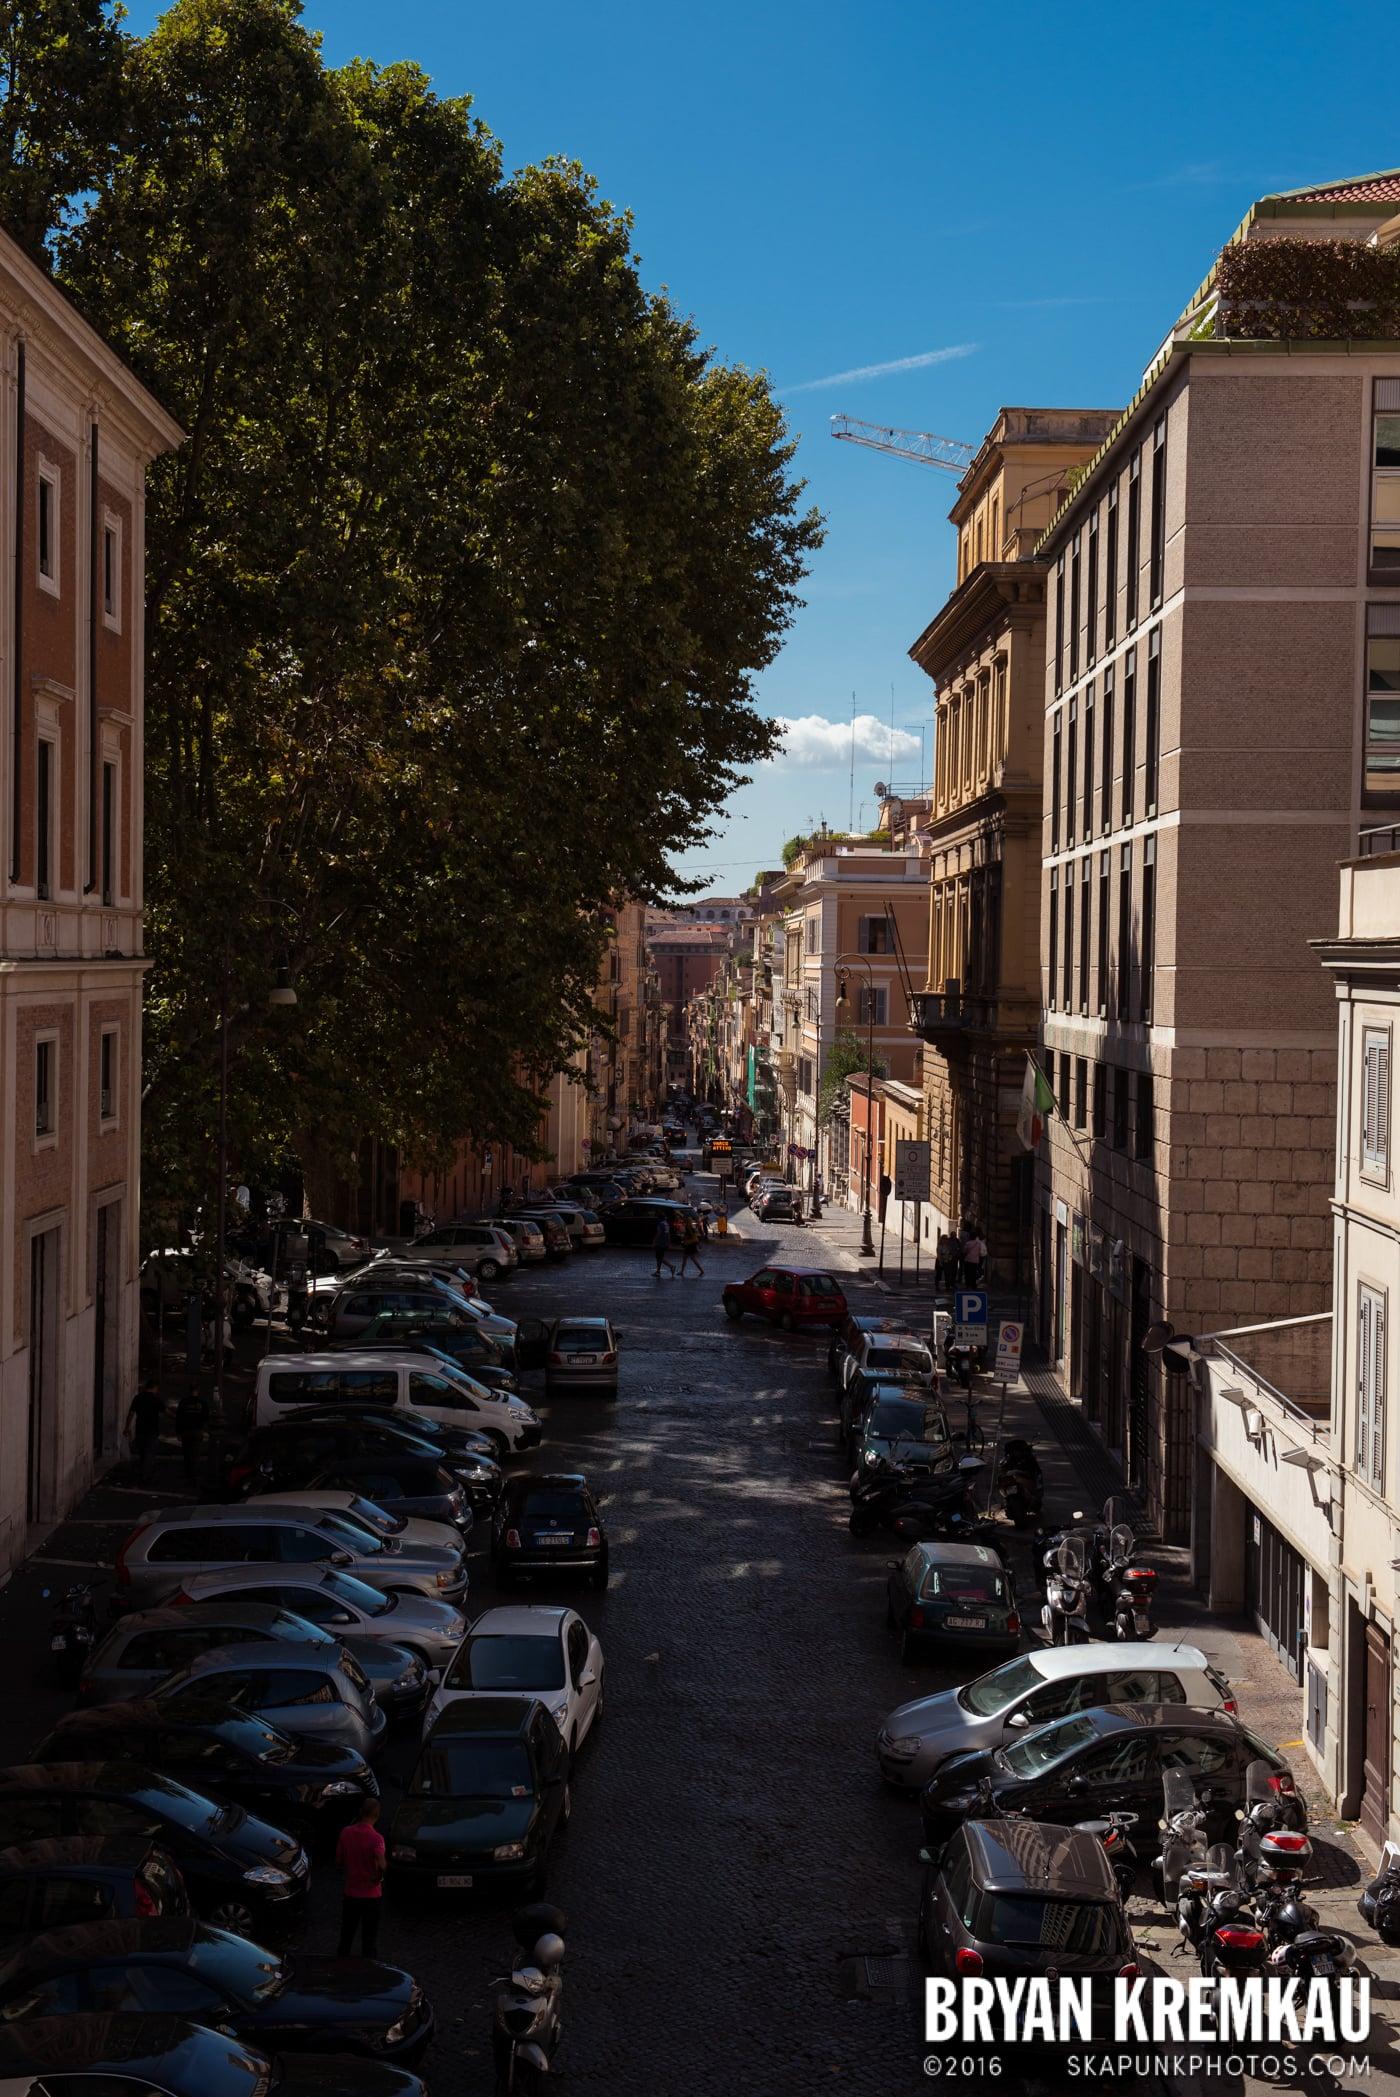 Italy Vacation - Day 12: Rome - 9.20.13 (52)